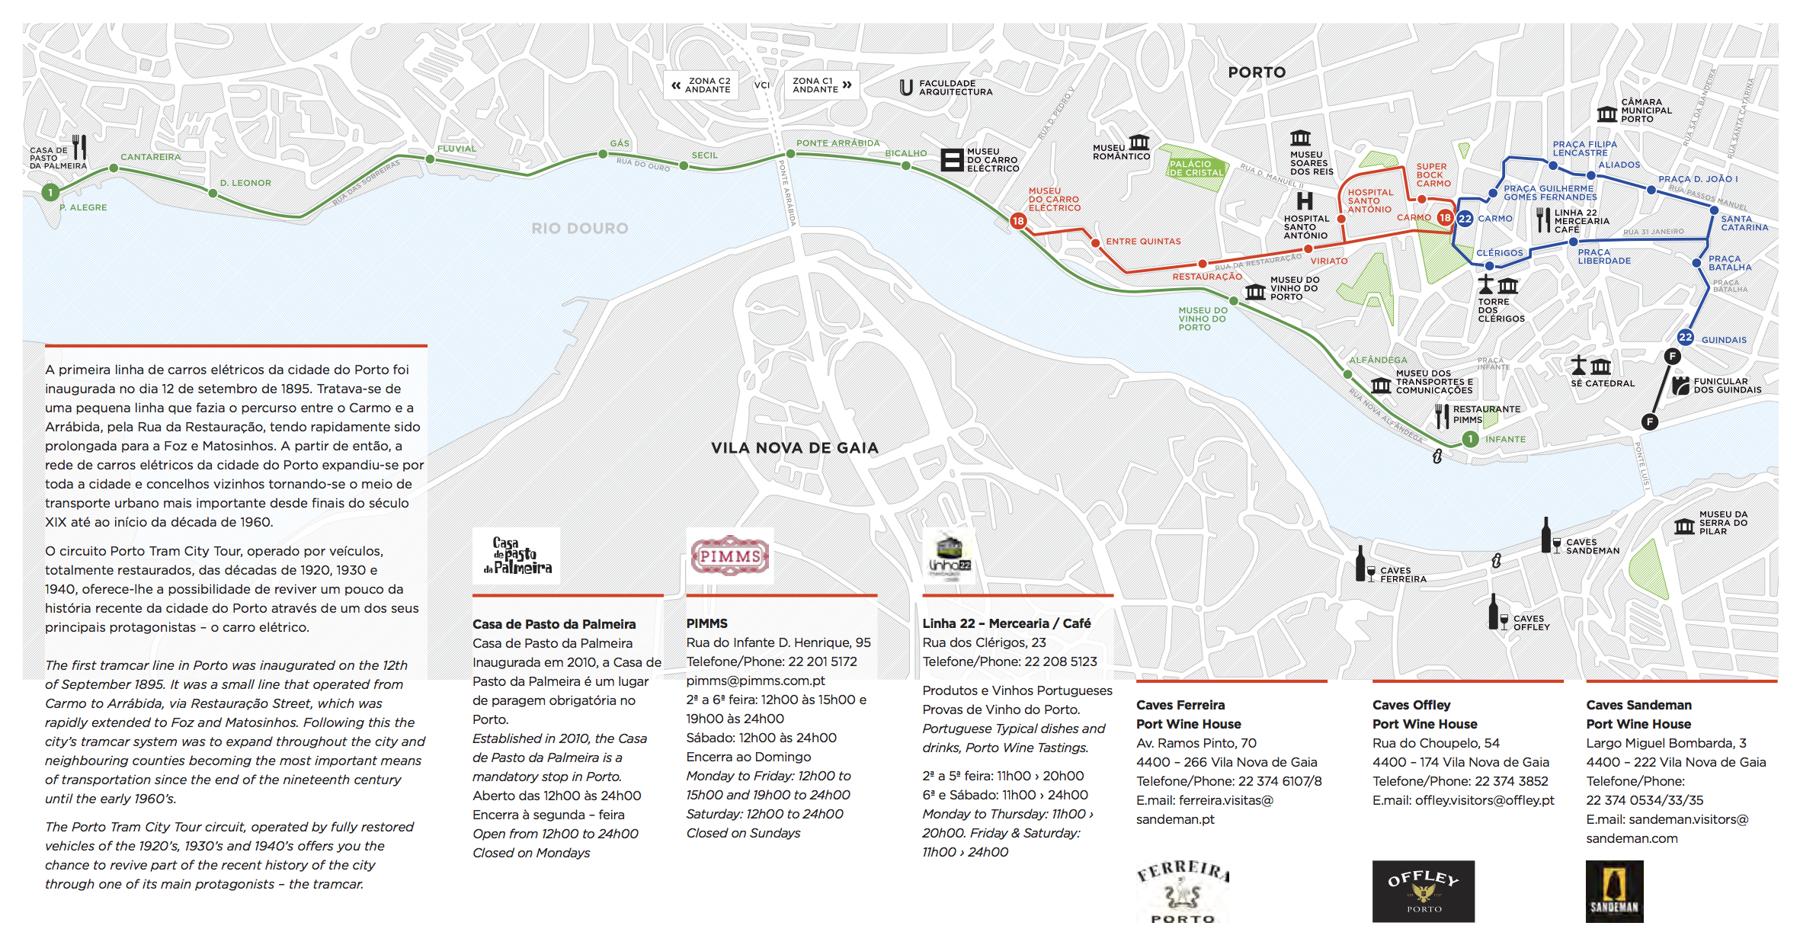 Metro De Oporto Mapa.Tranvia De Oporto Lineas Horarios Precio Y Mapa Del Tram De Oporto 101viajes